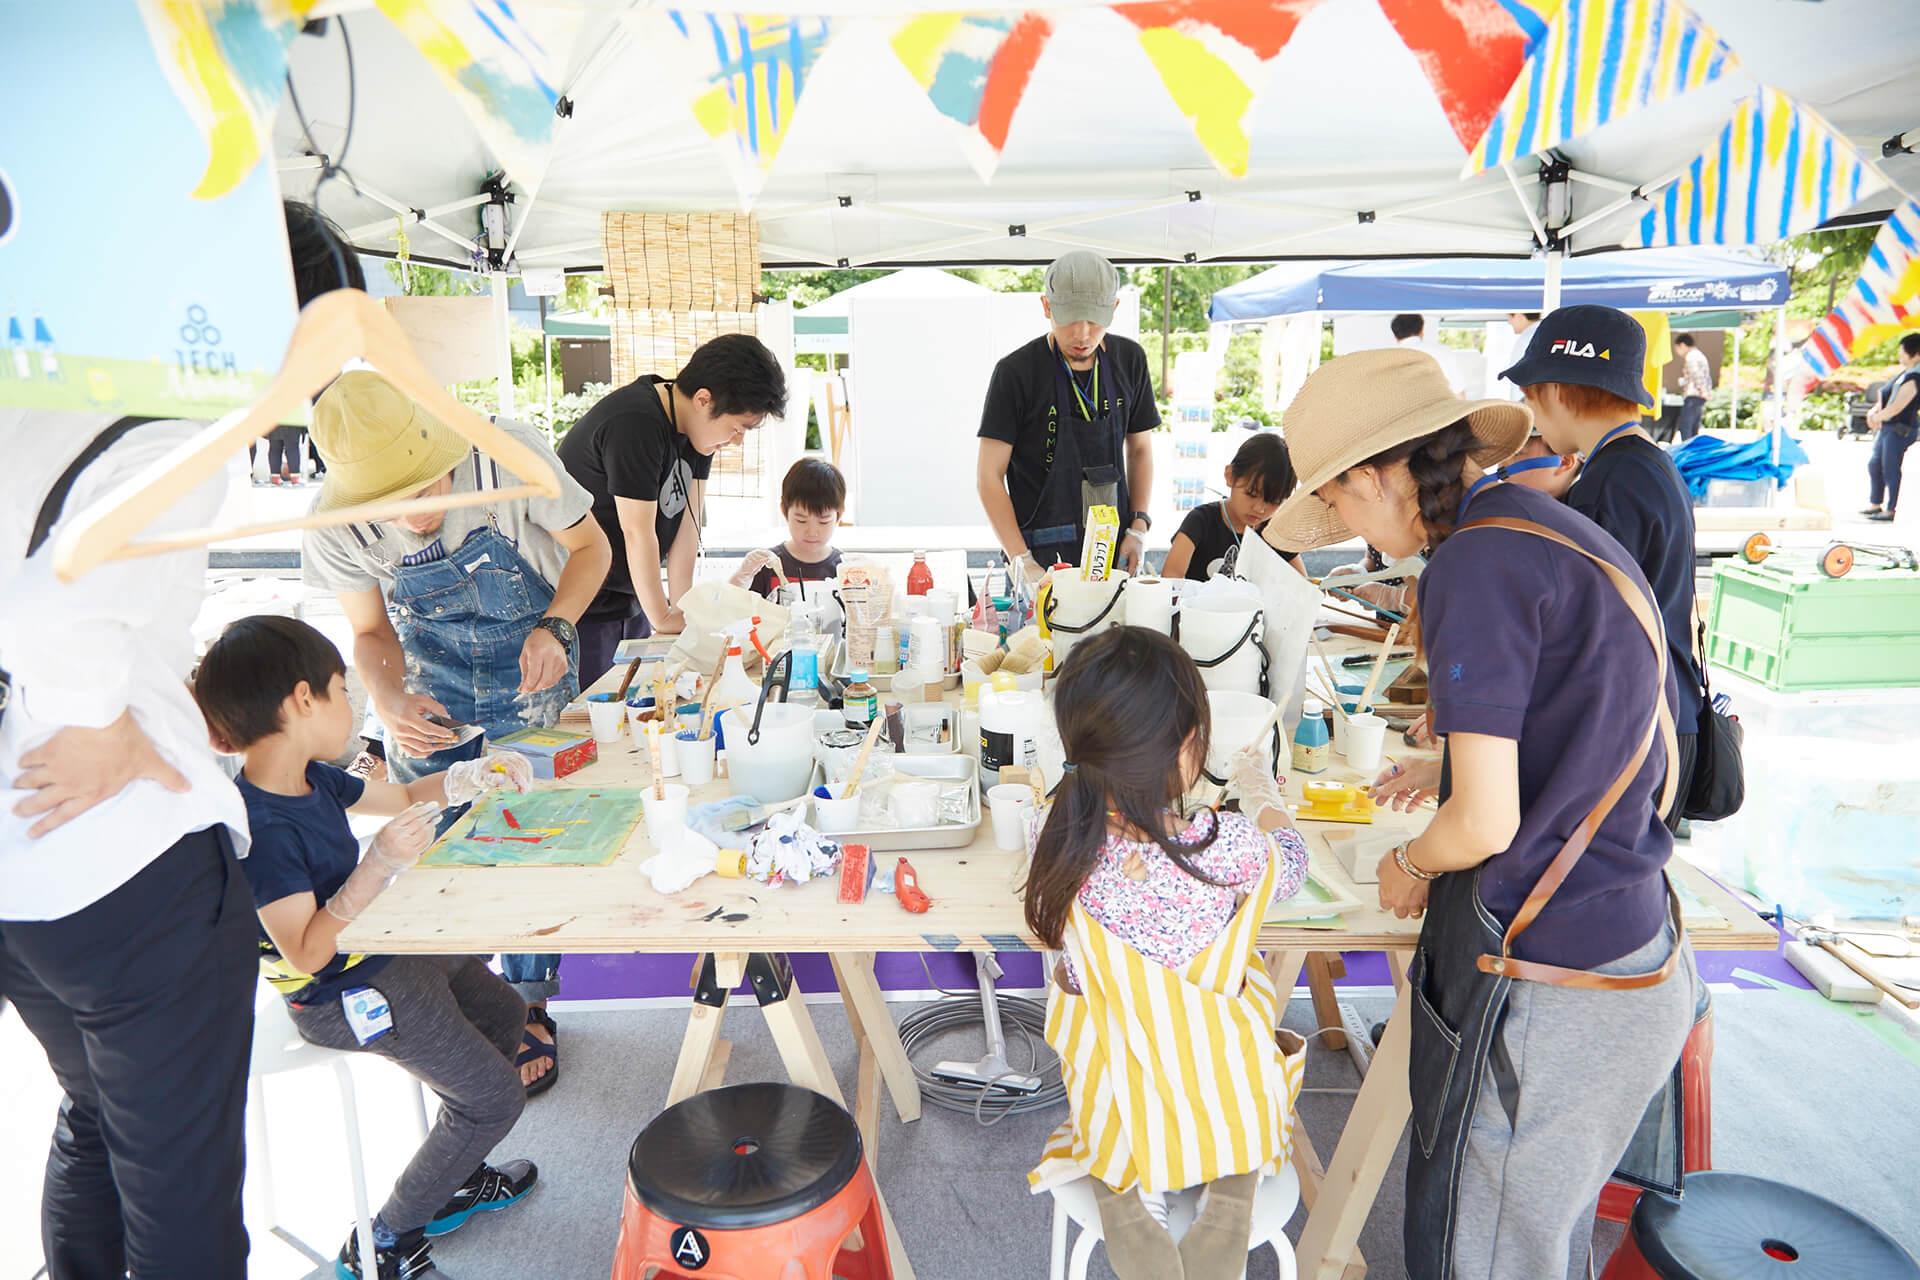 この写真は、品川アドベンチャーテラスのワークショップゾーンの様子。みんなで製作中です